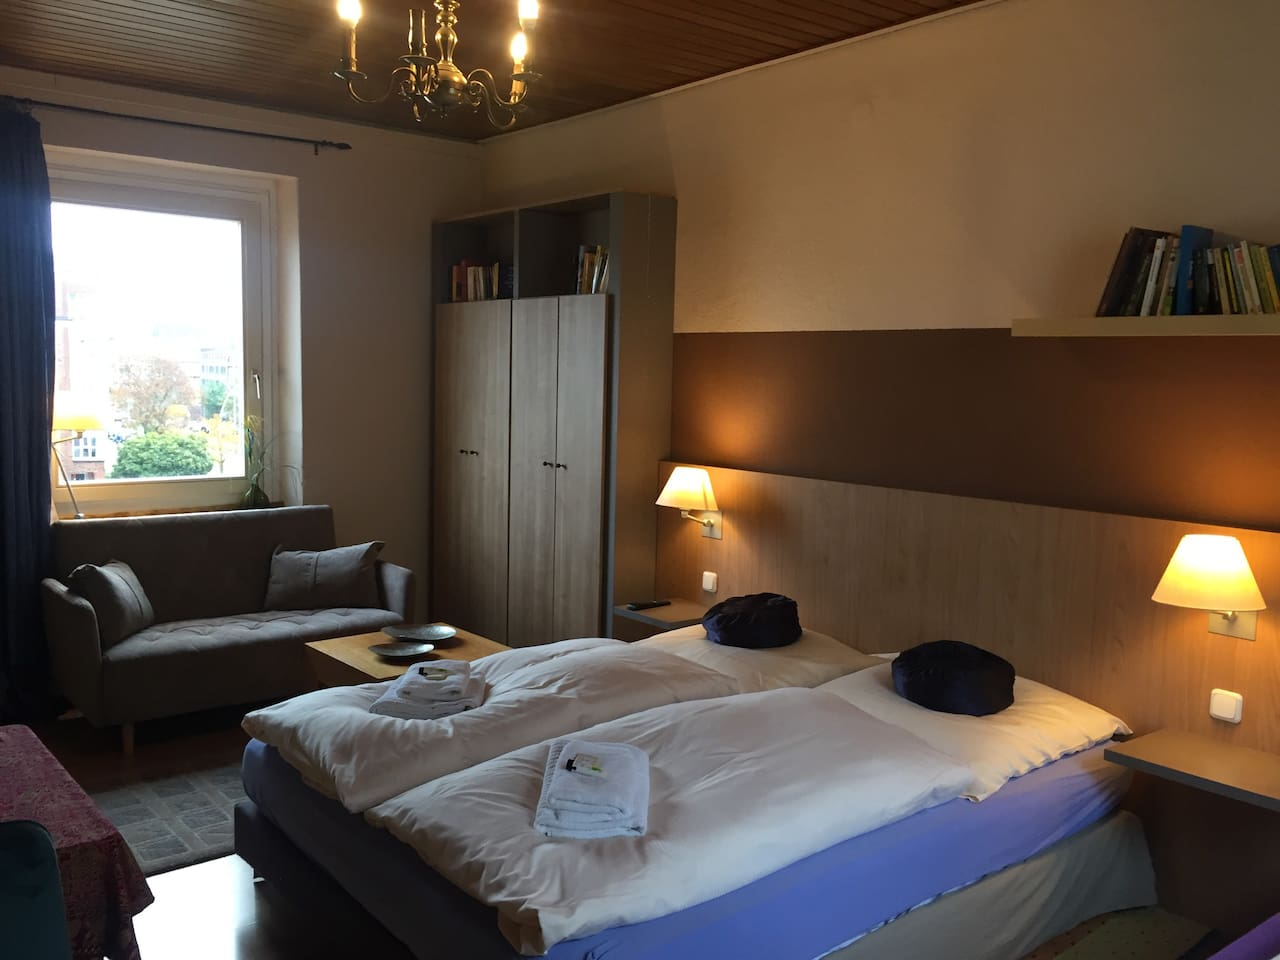 Doppelbett 1,60 x 2,00 m, SChlafsofa für Kinder und ein weiteres Bett 0,90x2,00m Küchenzeile mit Esstisch + 4 Stühle.